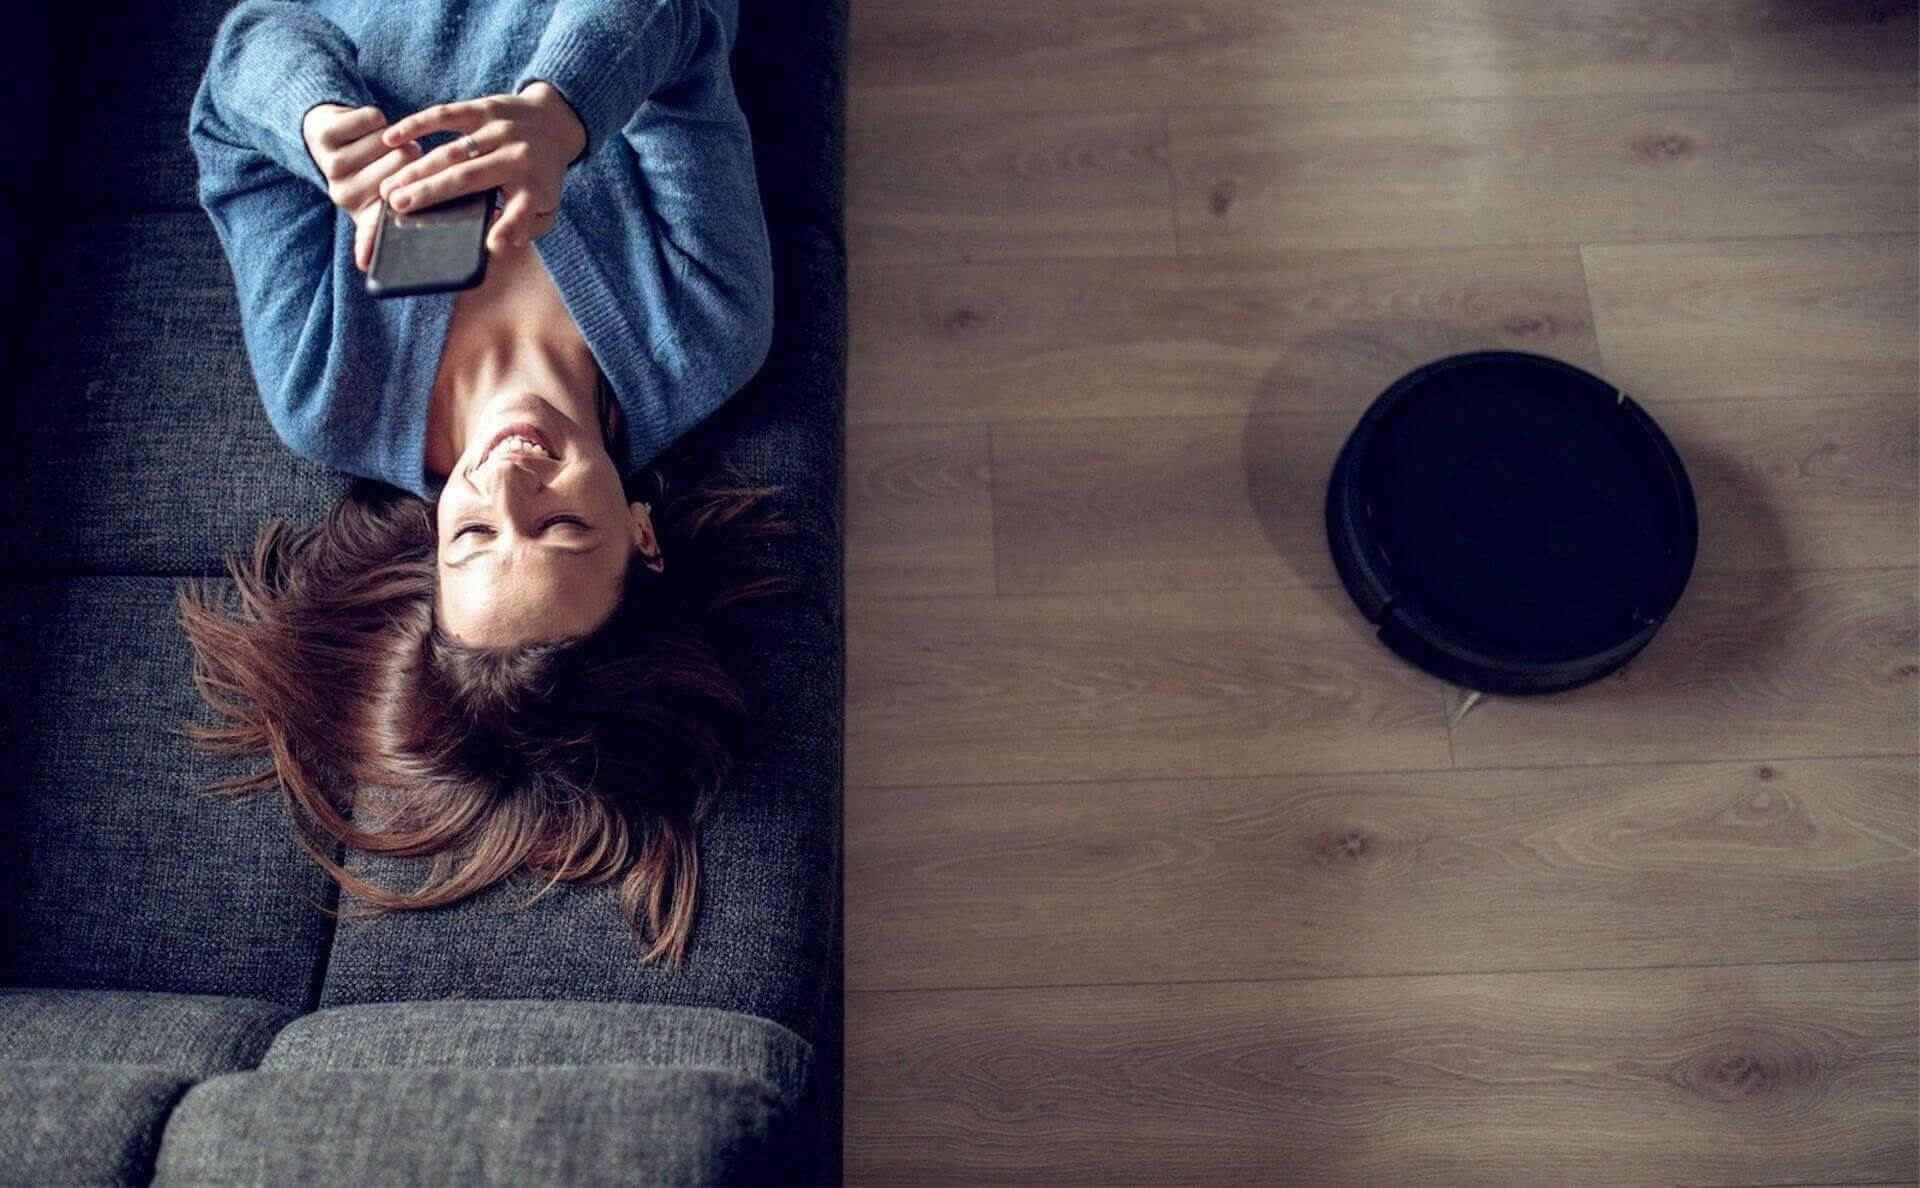 Frau mit Smartphone und Saugroboter